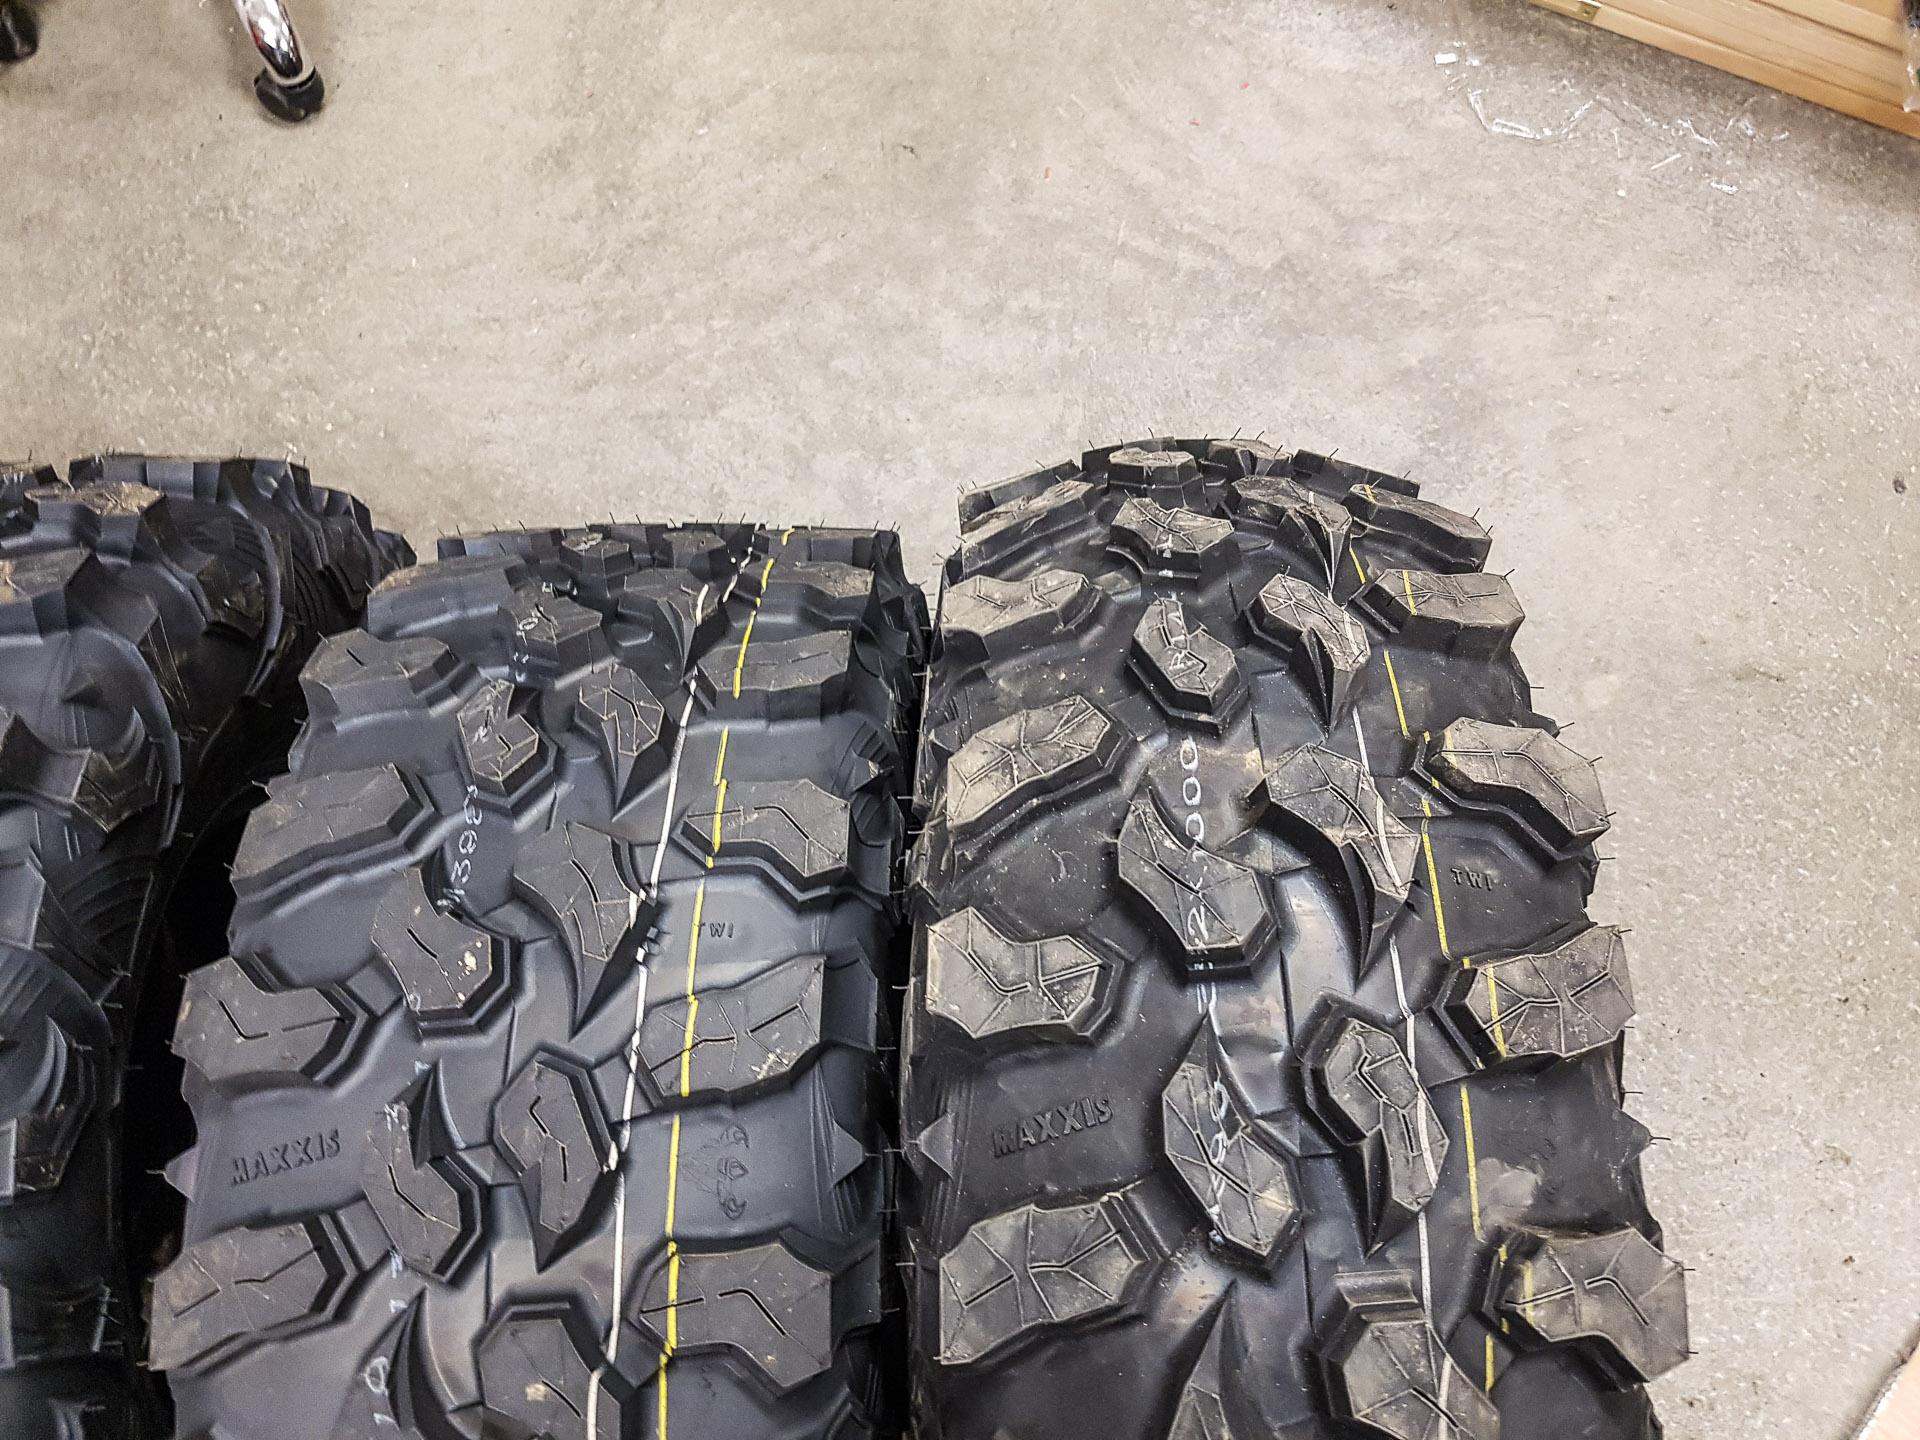 Tire Size Comparison >> Terrabites vs Carnivore Comparison - Page 3